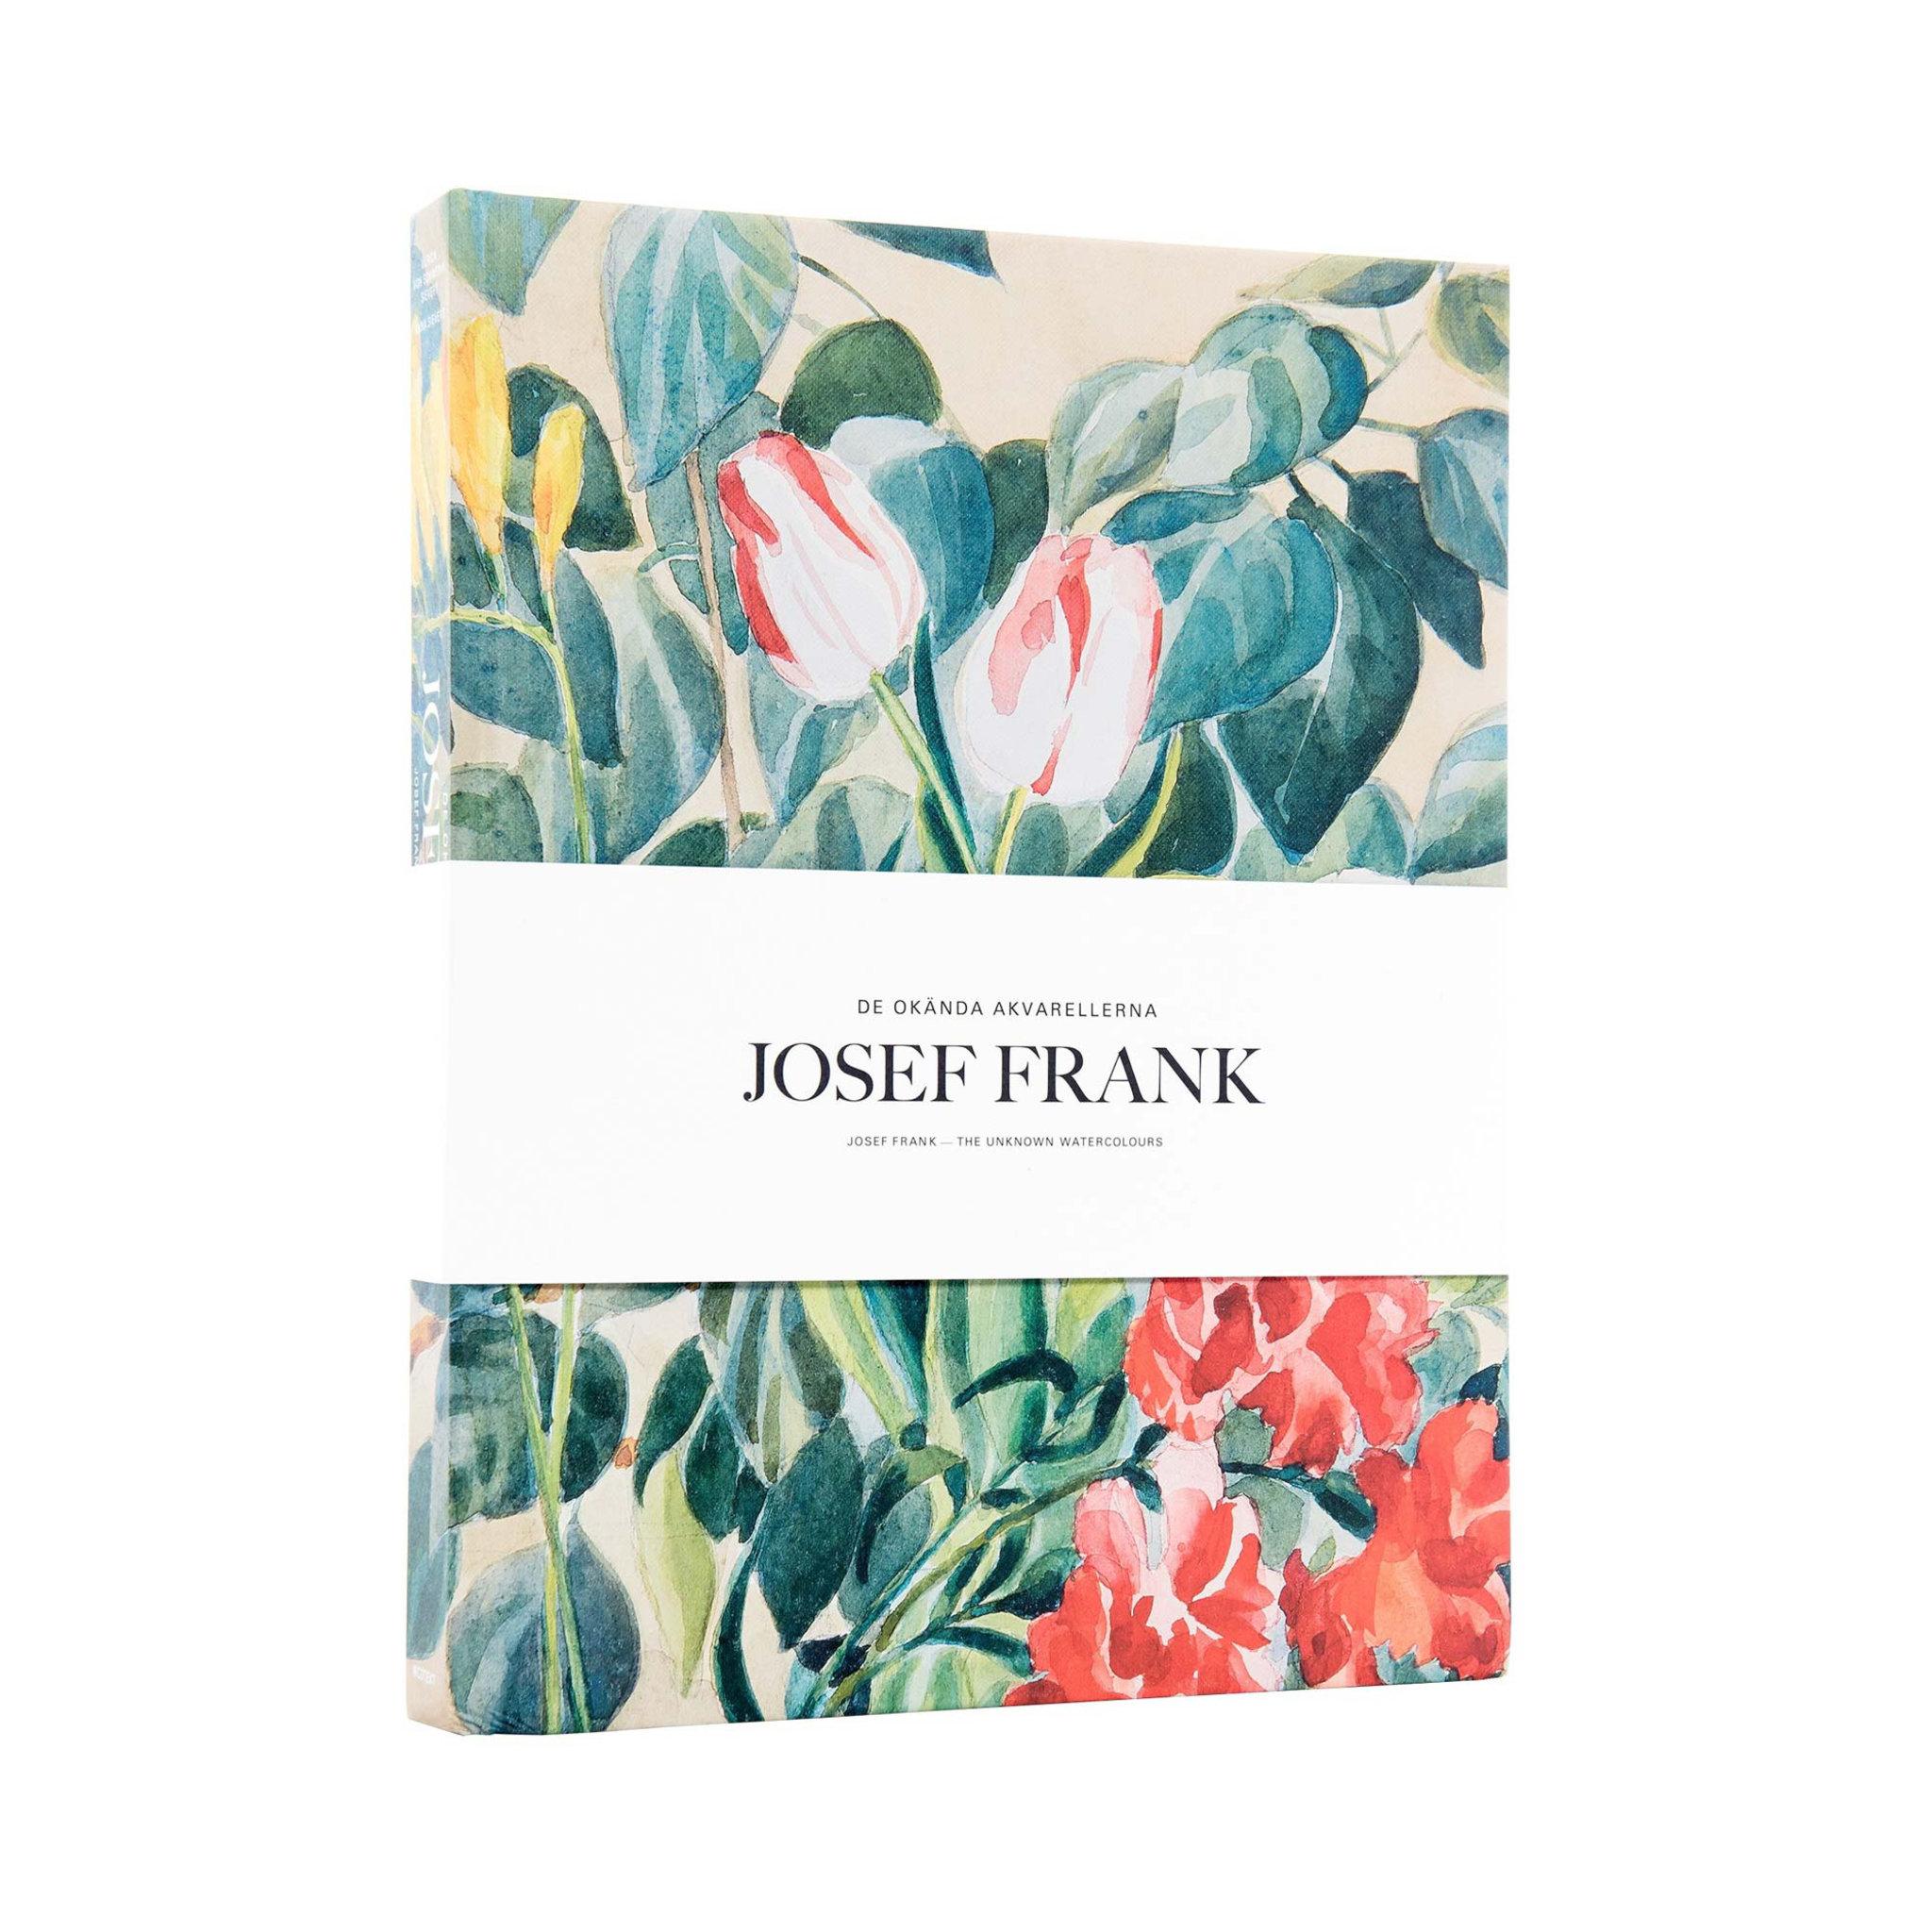 Josef Frank  de okända akvarellerna - Presentböcker - Köp online på  åhlens.se! 67cae1c5f22cf